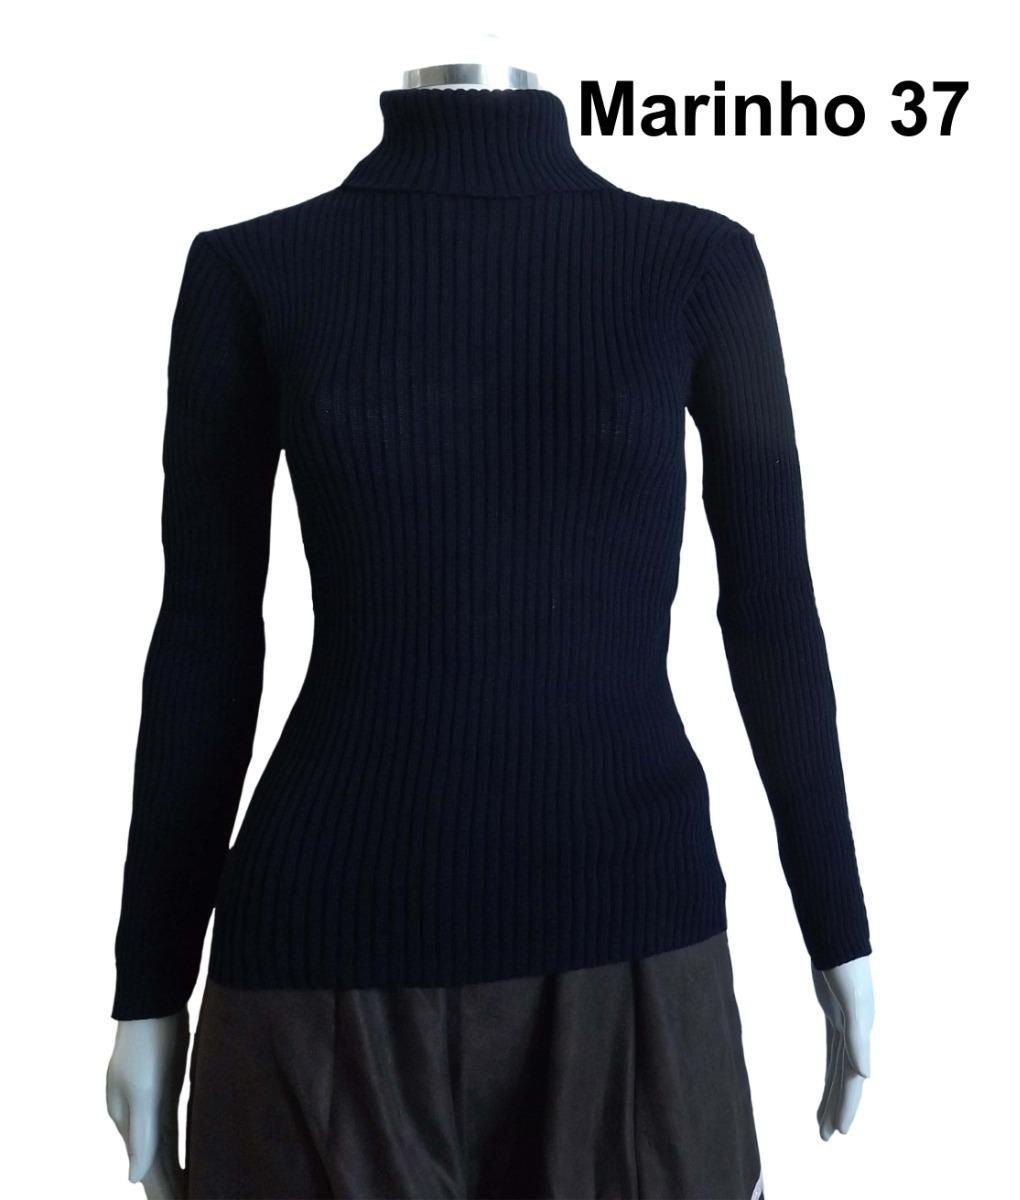 18baf3a4e2 kit 3 blusa casaco feminina cacharrel tricot de lã promoção. Carregando zoom .